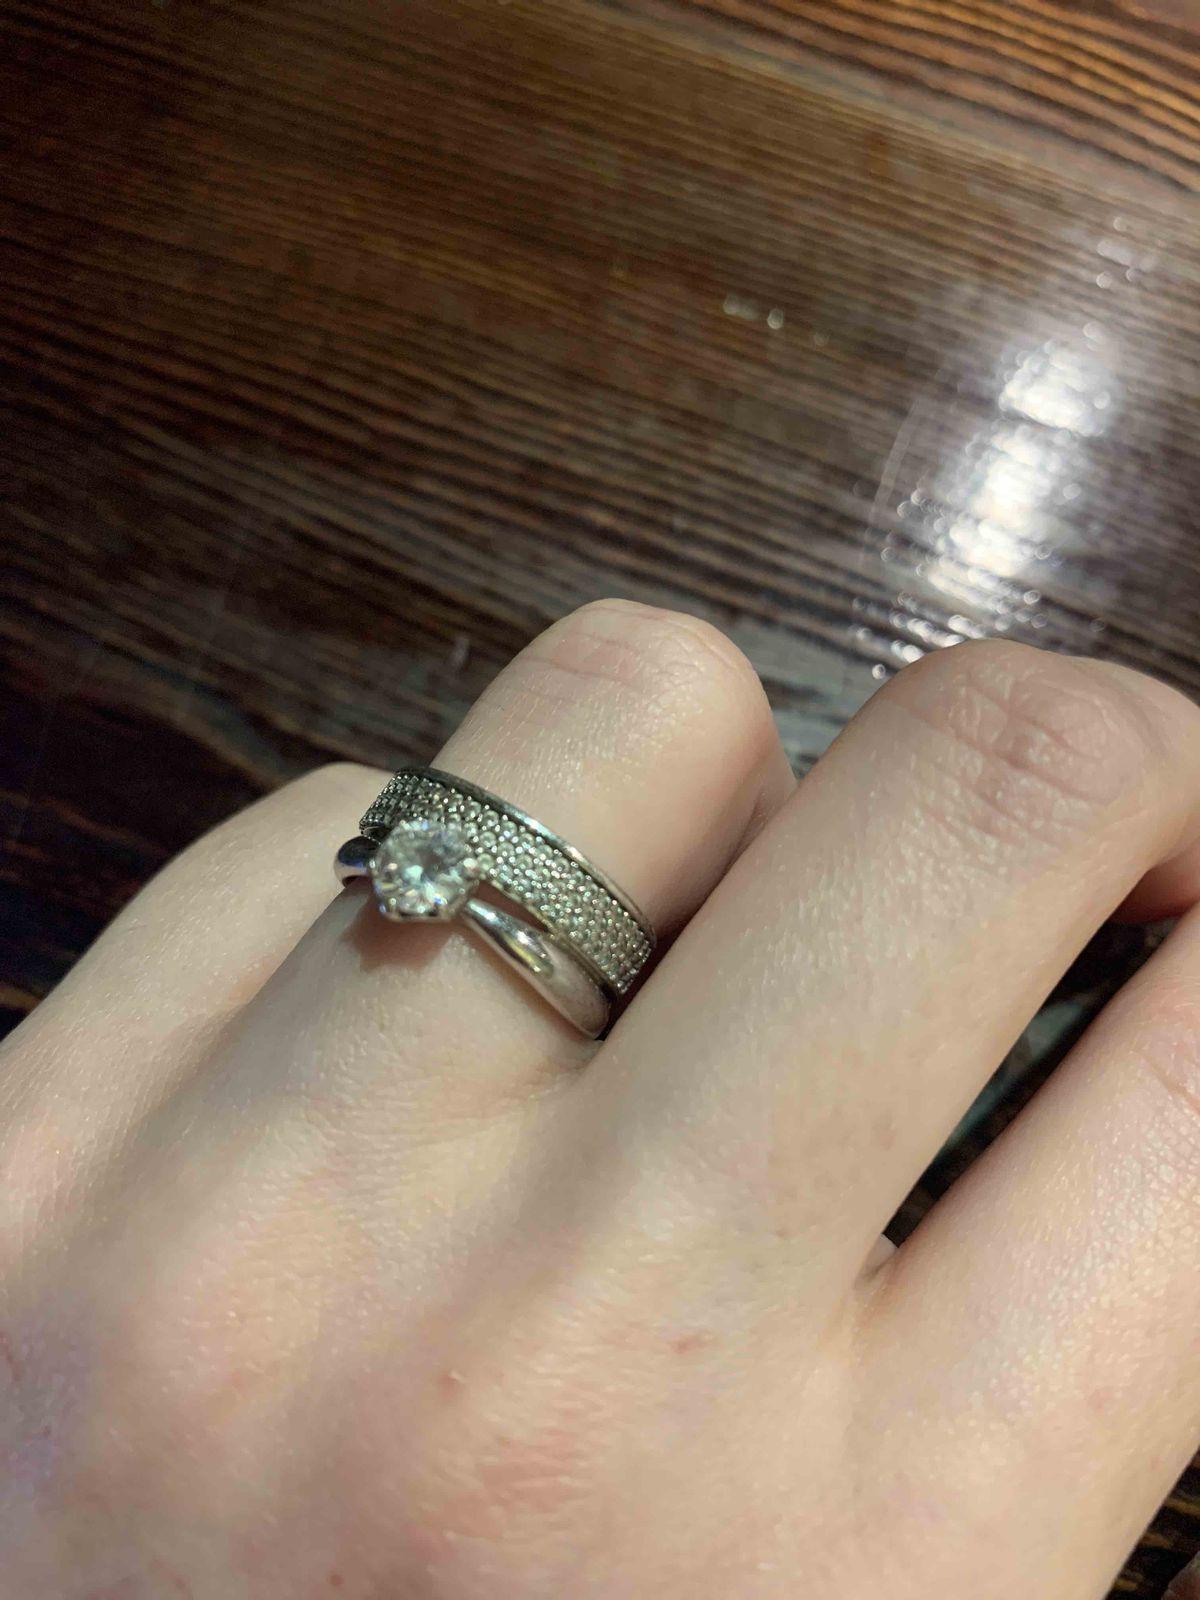 Просто в восторге от кольца, элегантное, крамивое, удобное всем советую.